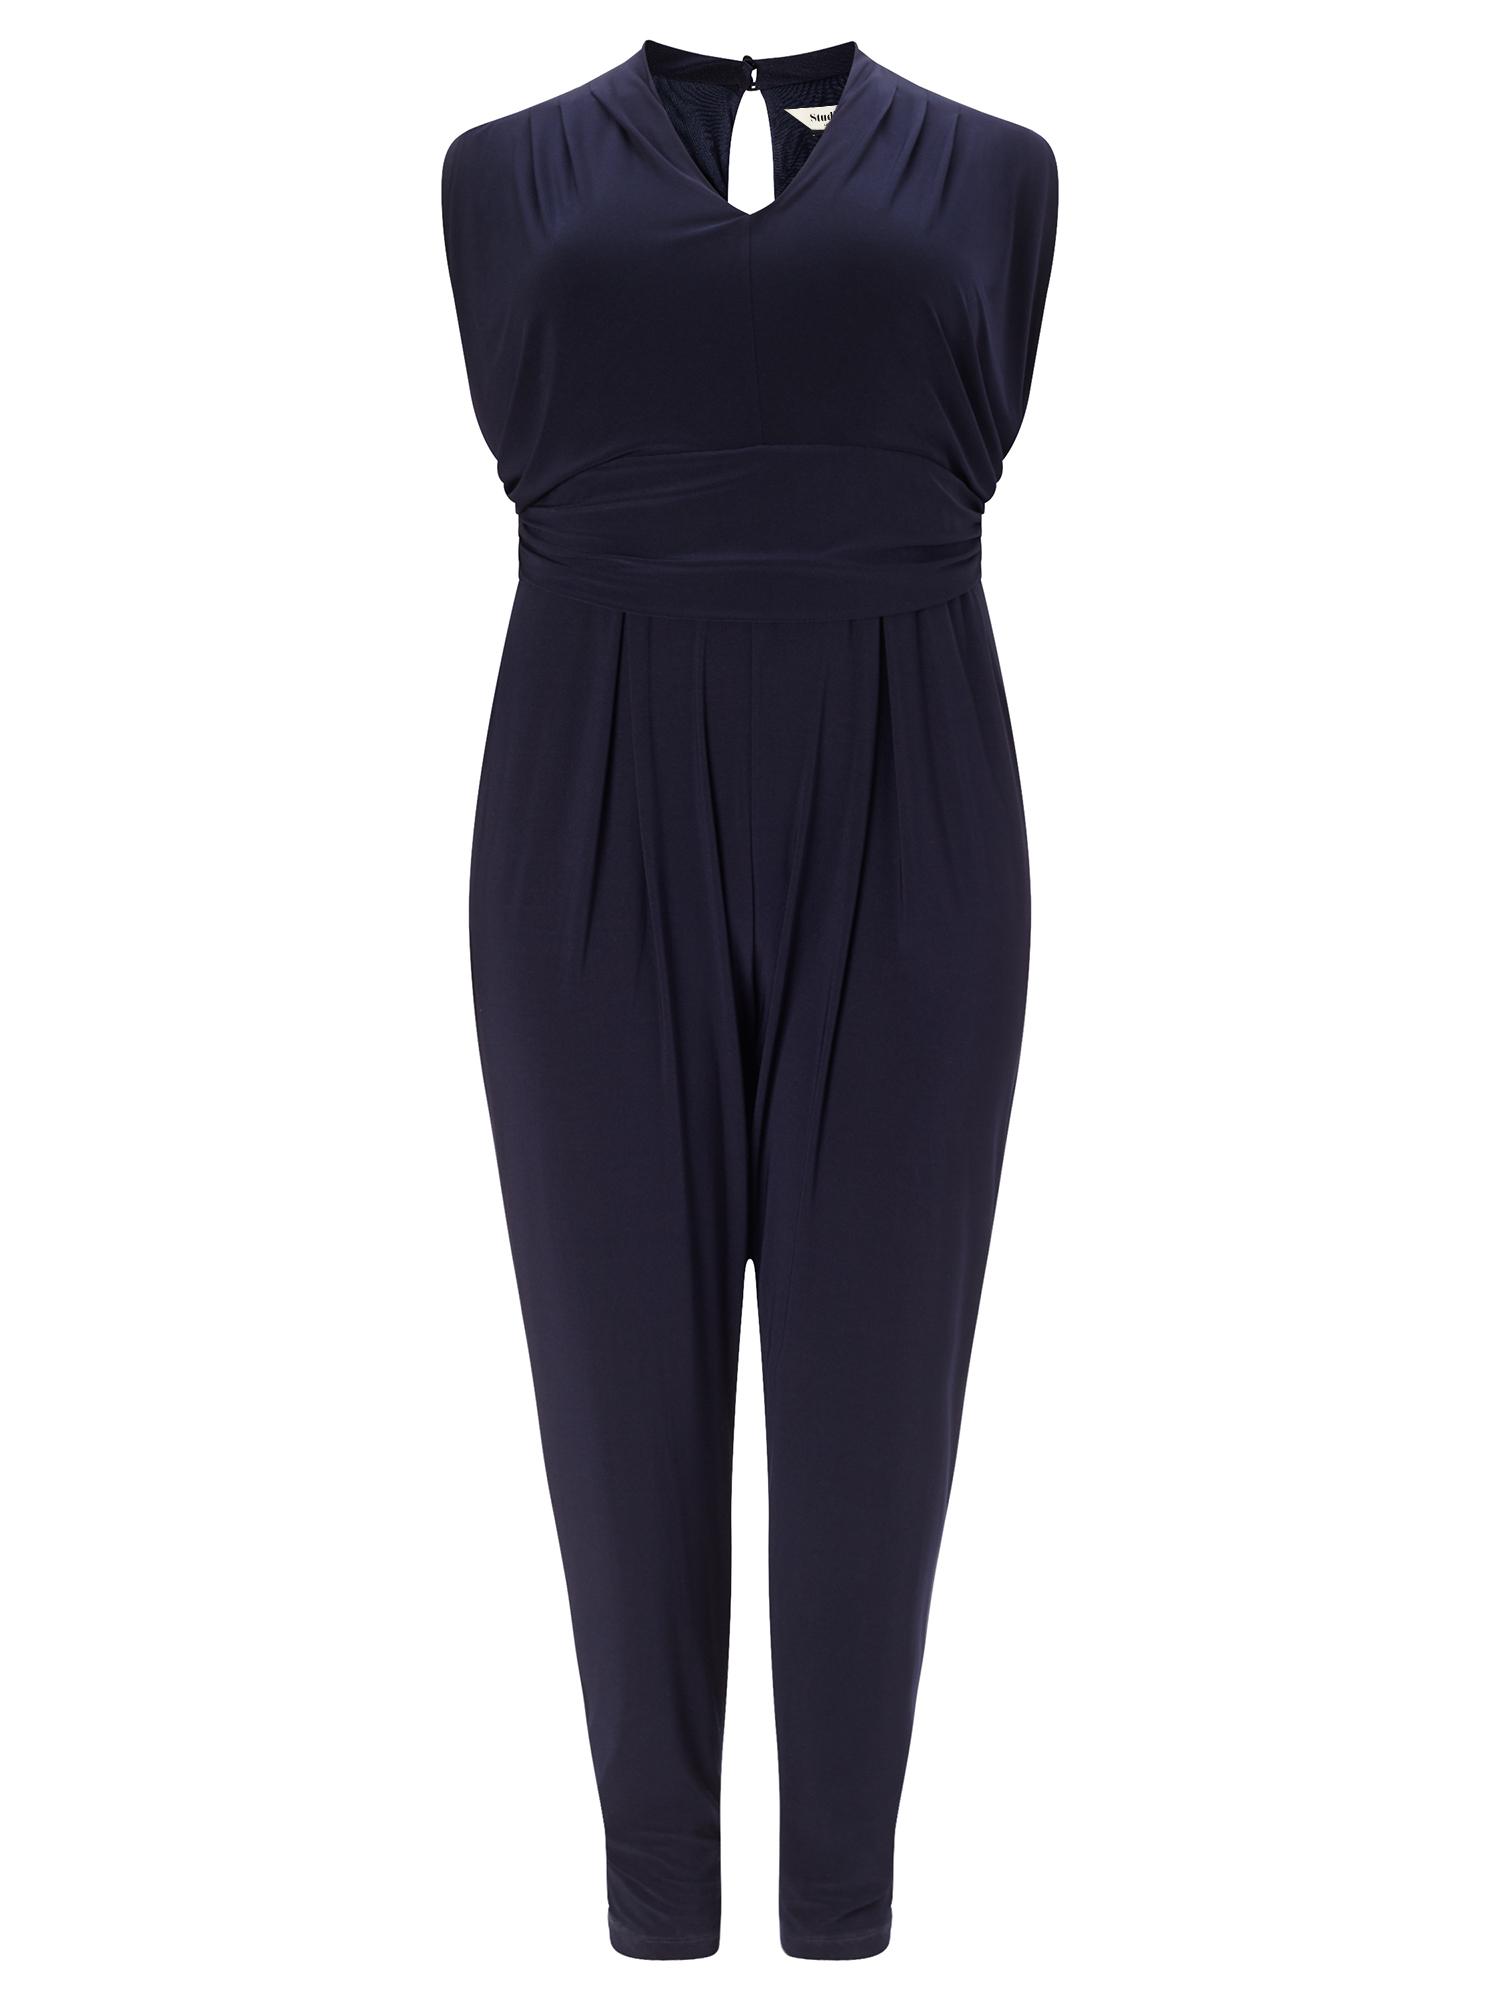 Zena Jumpsuit £99